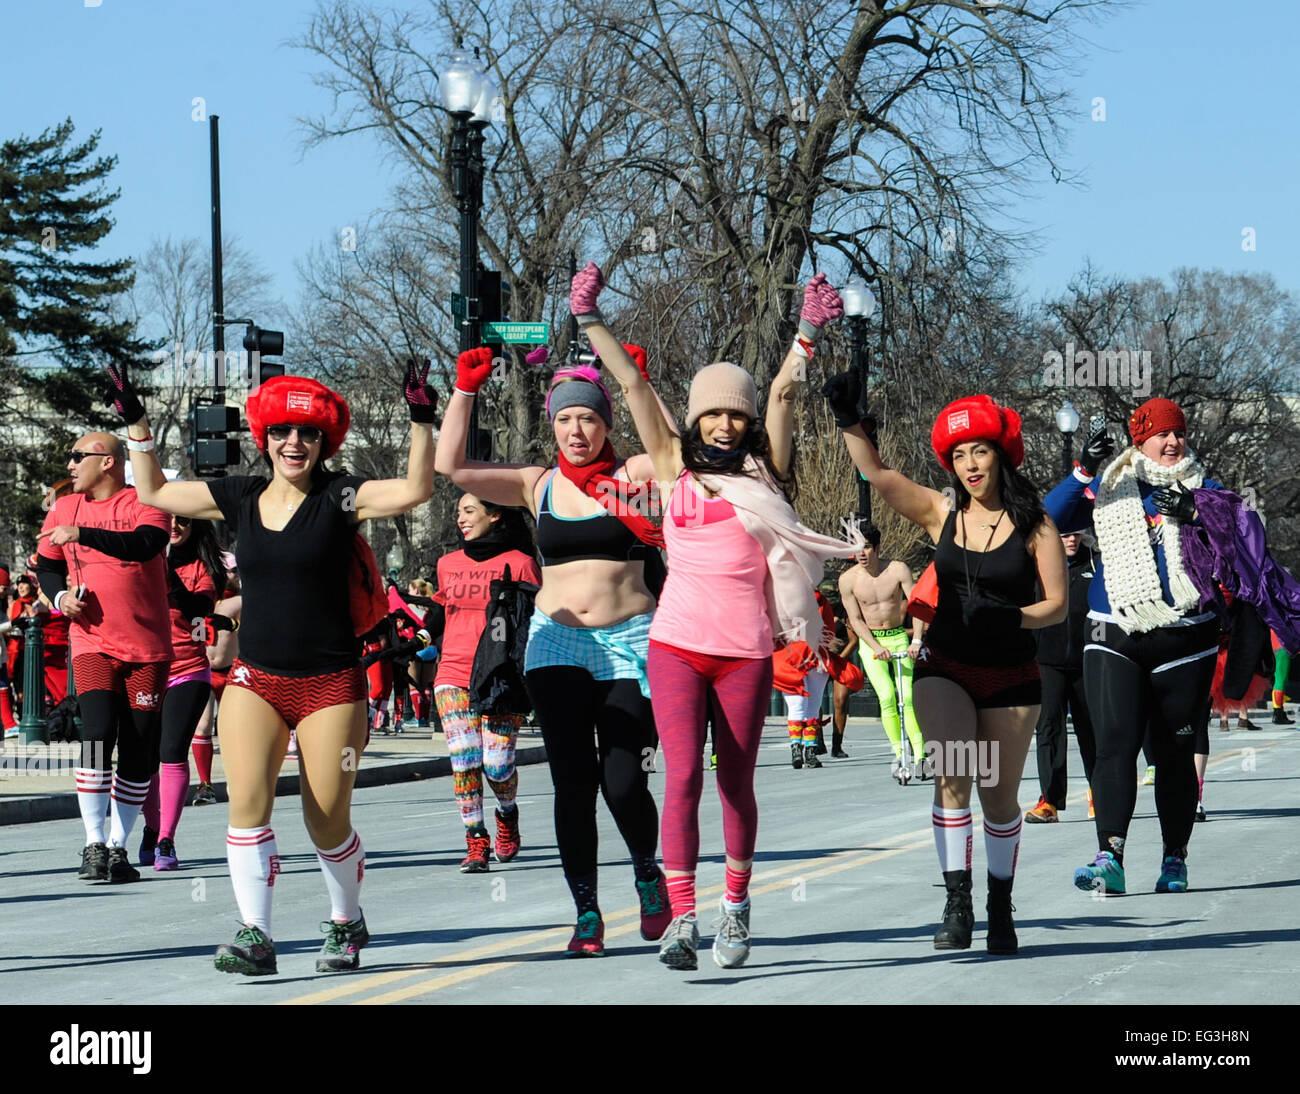 Washington, DC, USA. 15th Feb, 2015. Half-naked runners